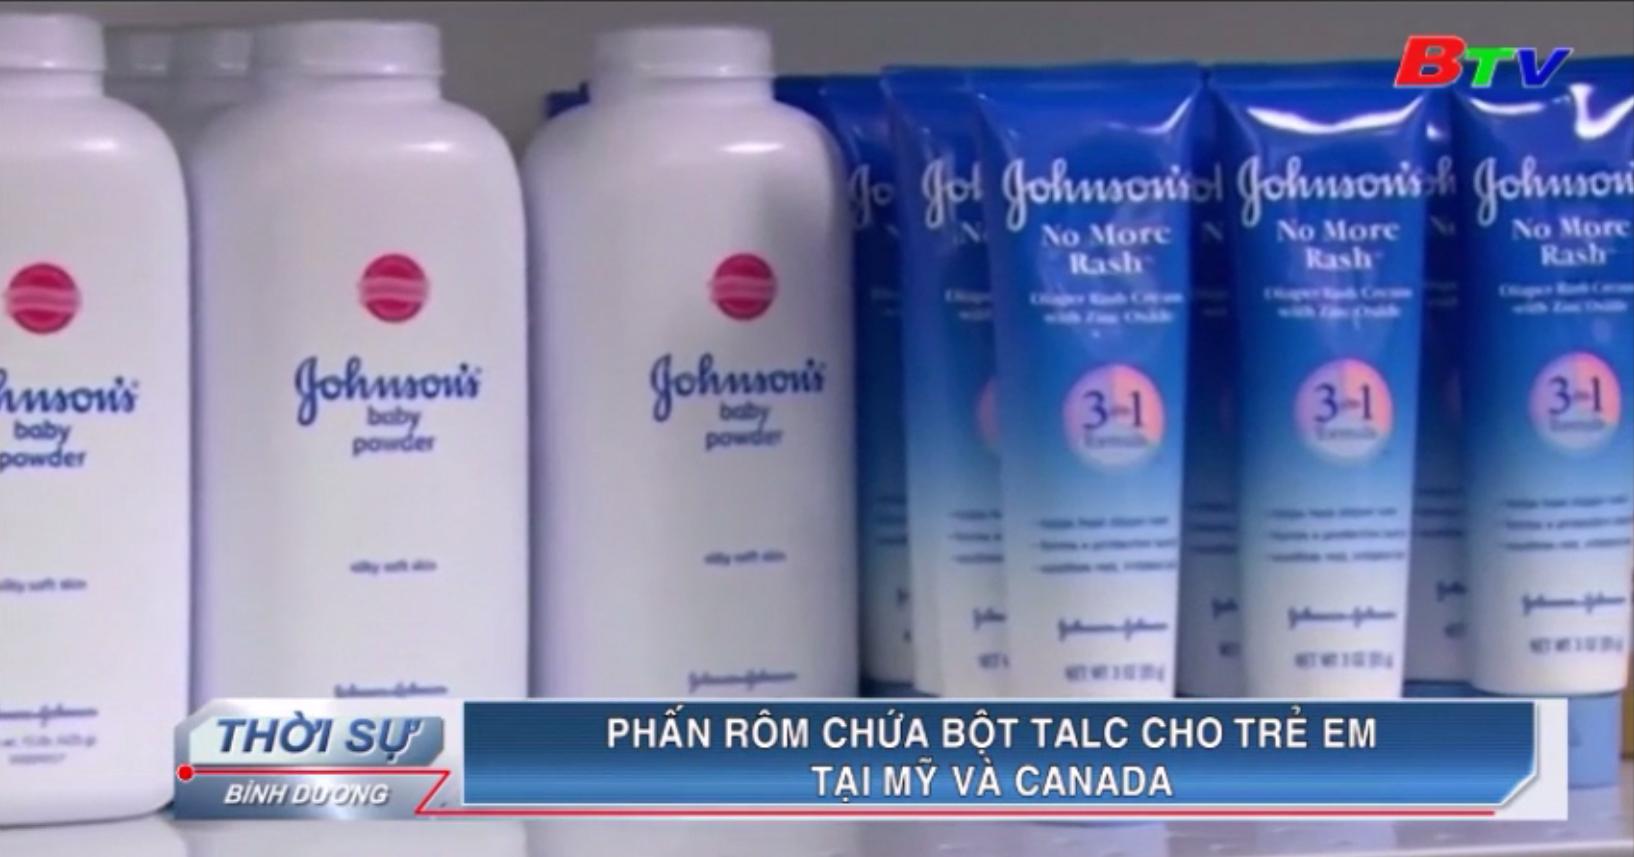 Phấn rôm chứa bột Talc cho trẻ em tại Mỹ và Canada